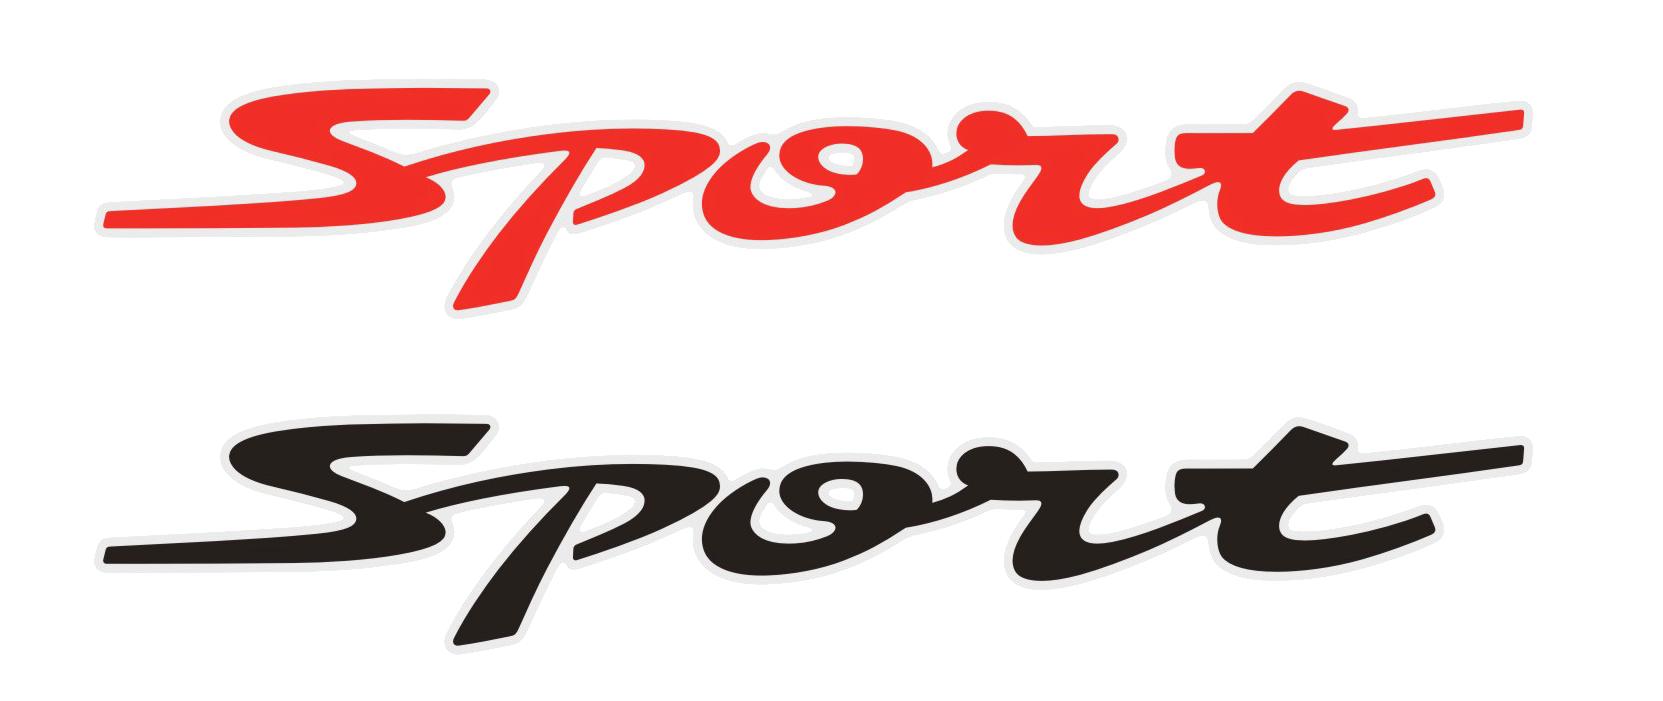 Emblem - Sports